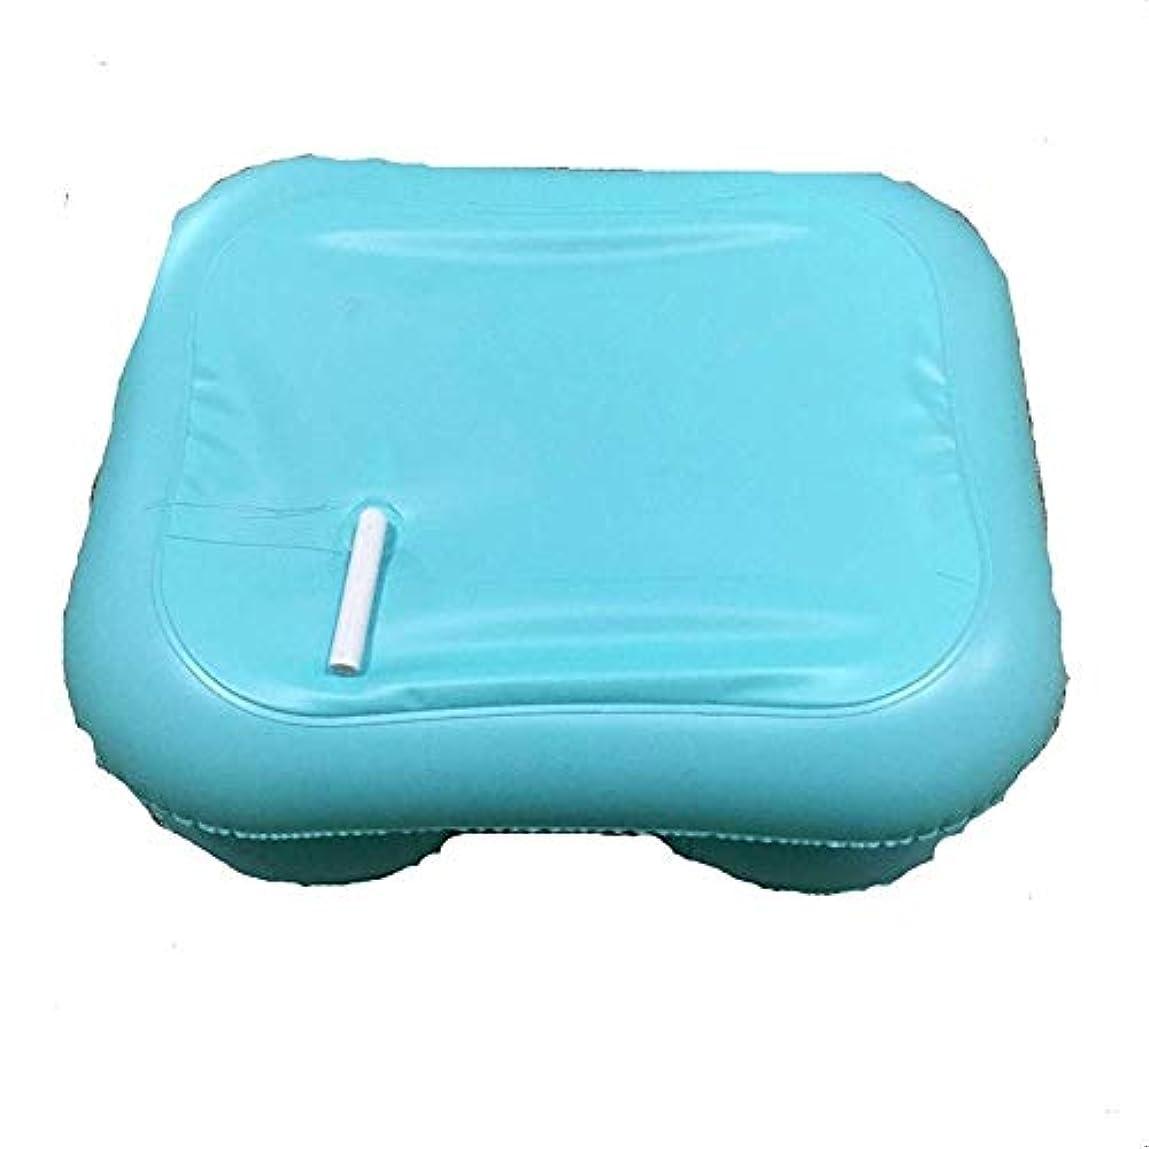 年次現実祈る看護ベッド用シャンプー洗面器-高齢者障害妊婦用の医療用簡易洗面器洗面台